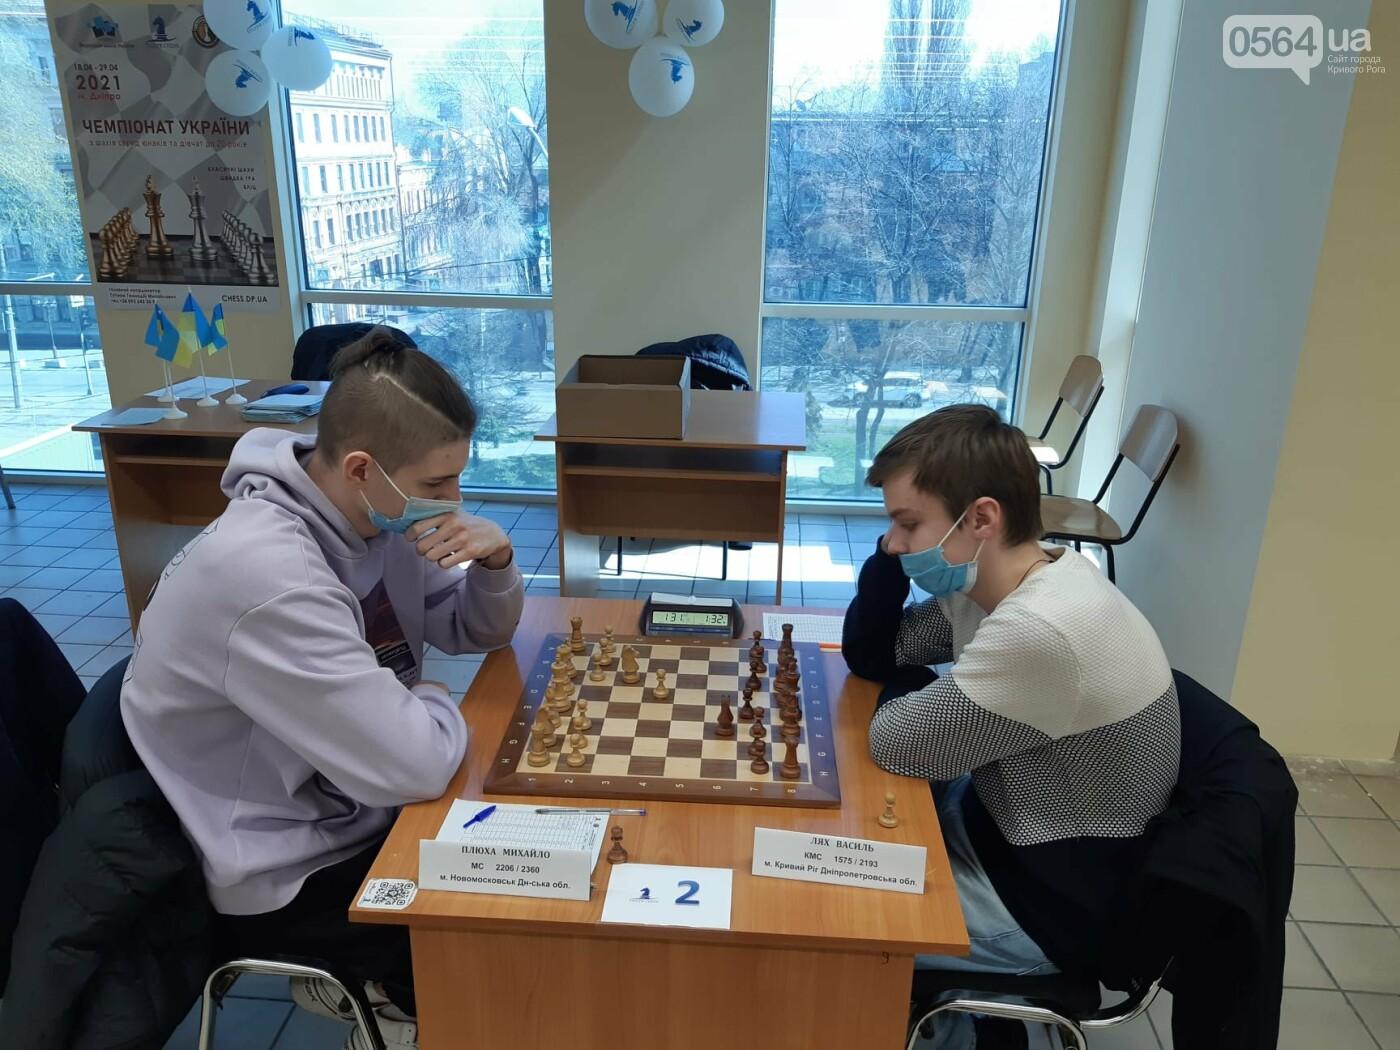 Юные шахматисты из Кривого Рога заняли 7 и 8 место на Чемпионате Украины, - ФОТО, фото-5